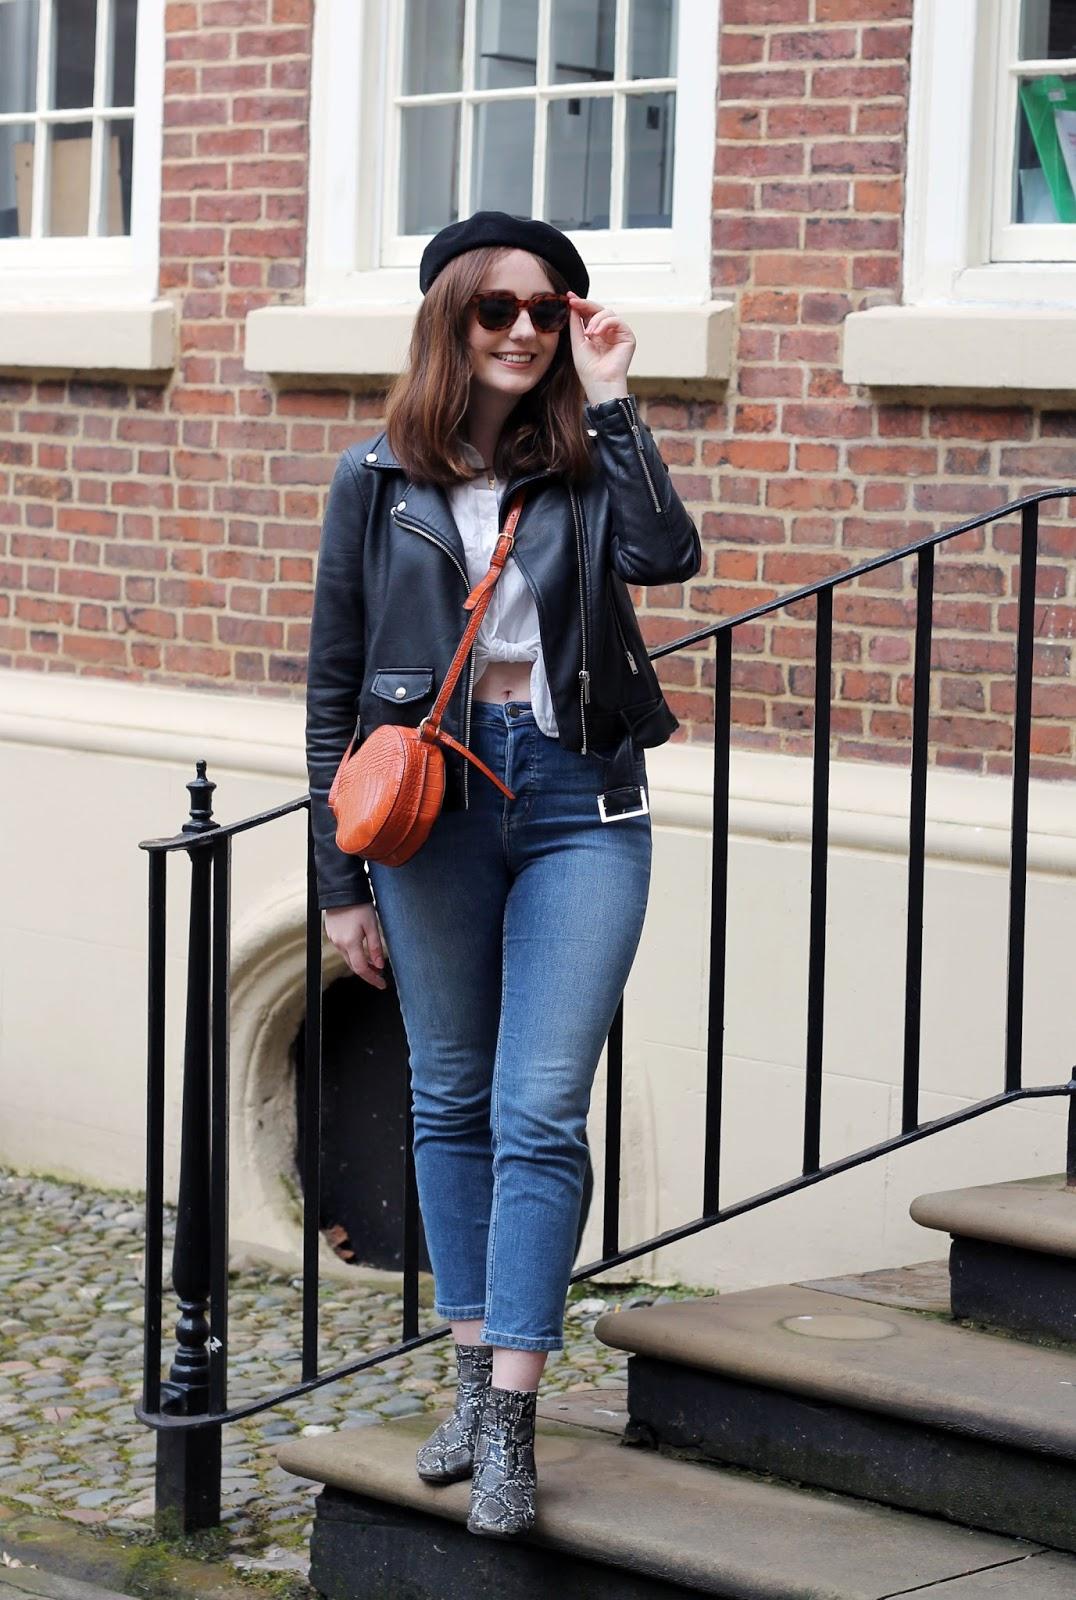 UK style blogger social media style inspiration Instagram